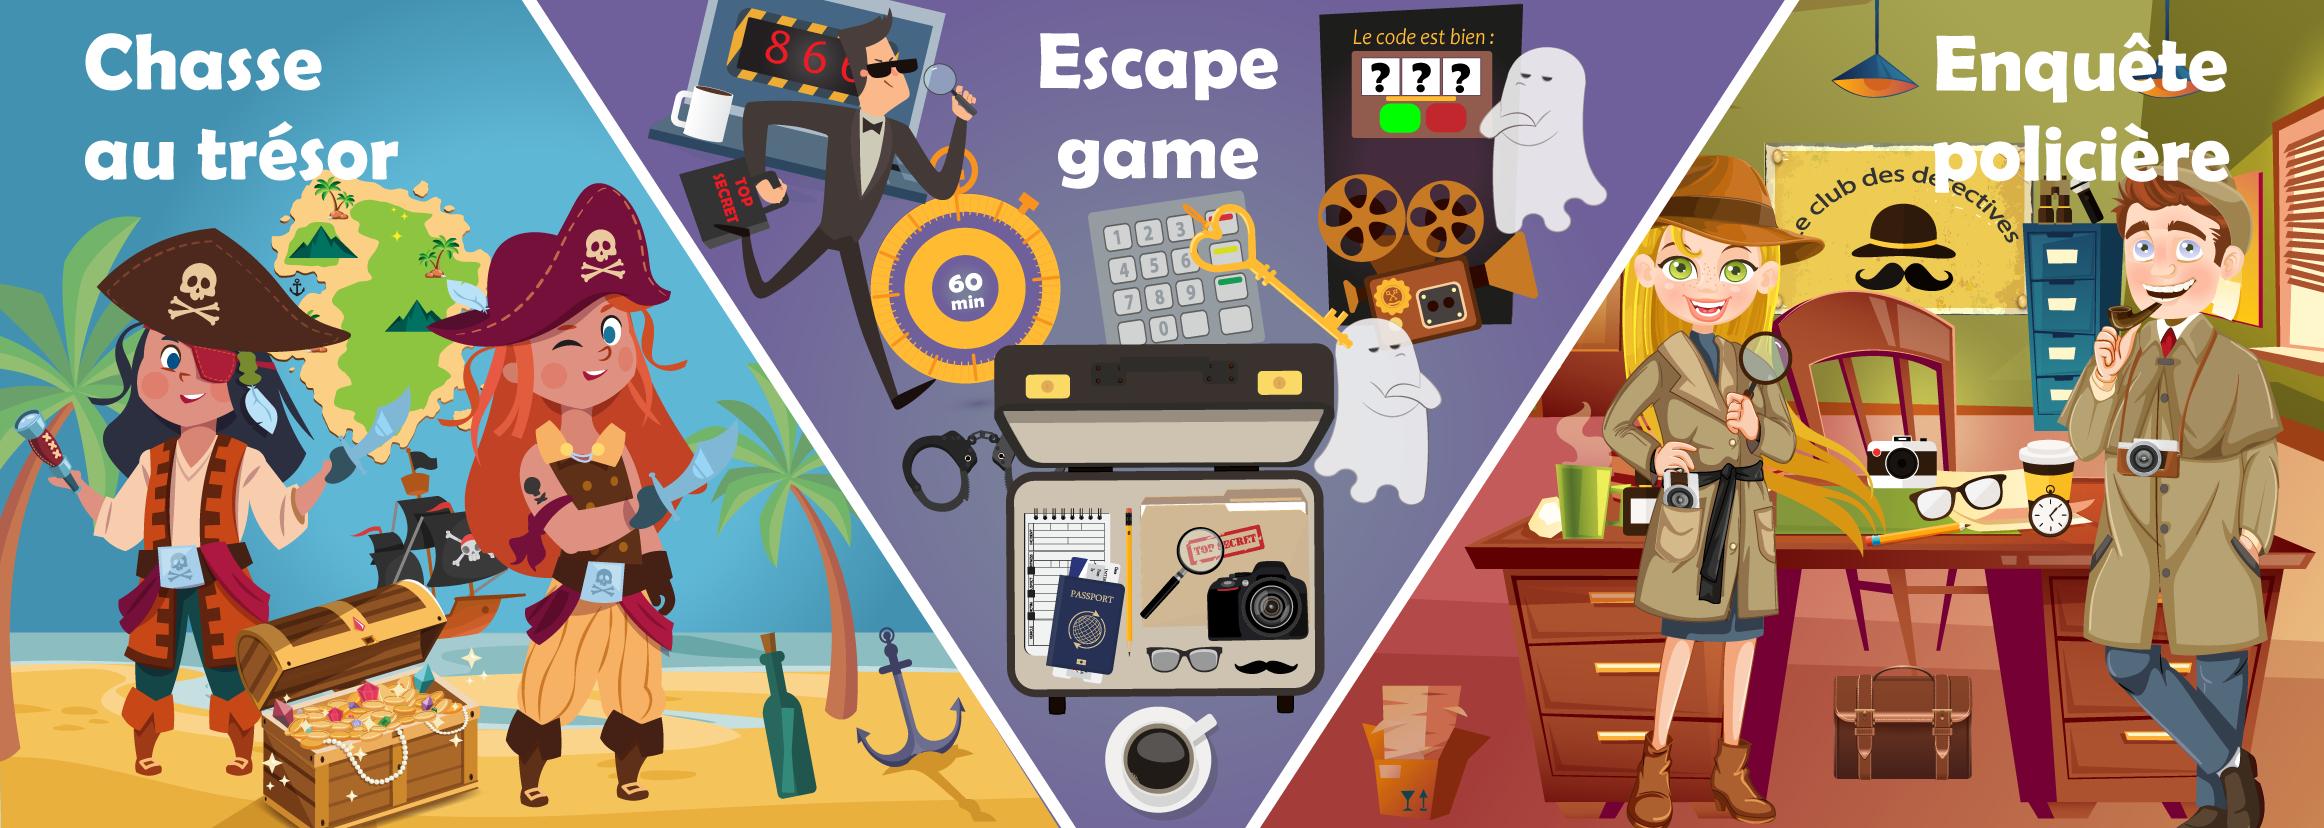 Jeux À Imprimer Ludiques Pour Les Enfants De 4 À 10 Ans destiné Jeux Enfant 6 Ans Gratuit